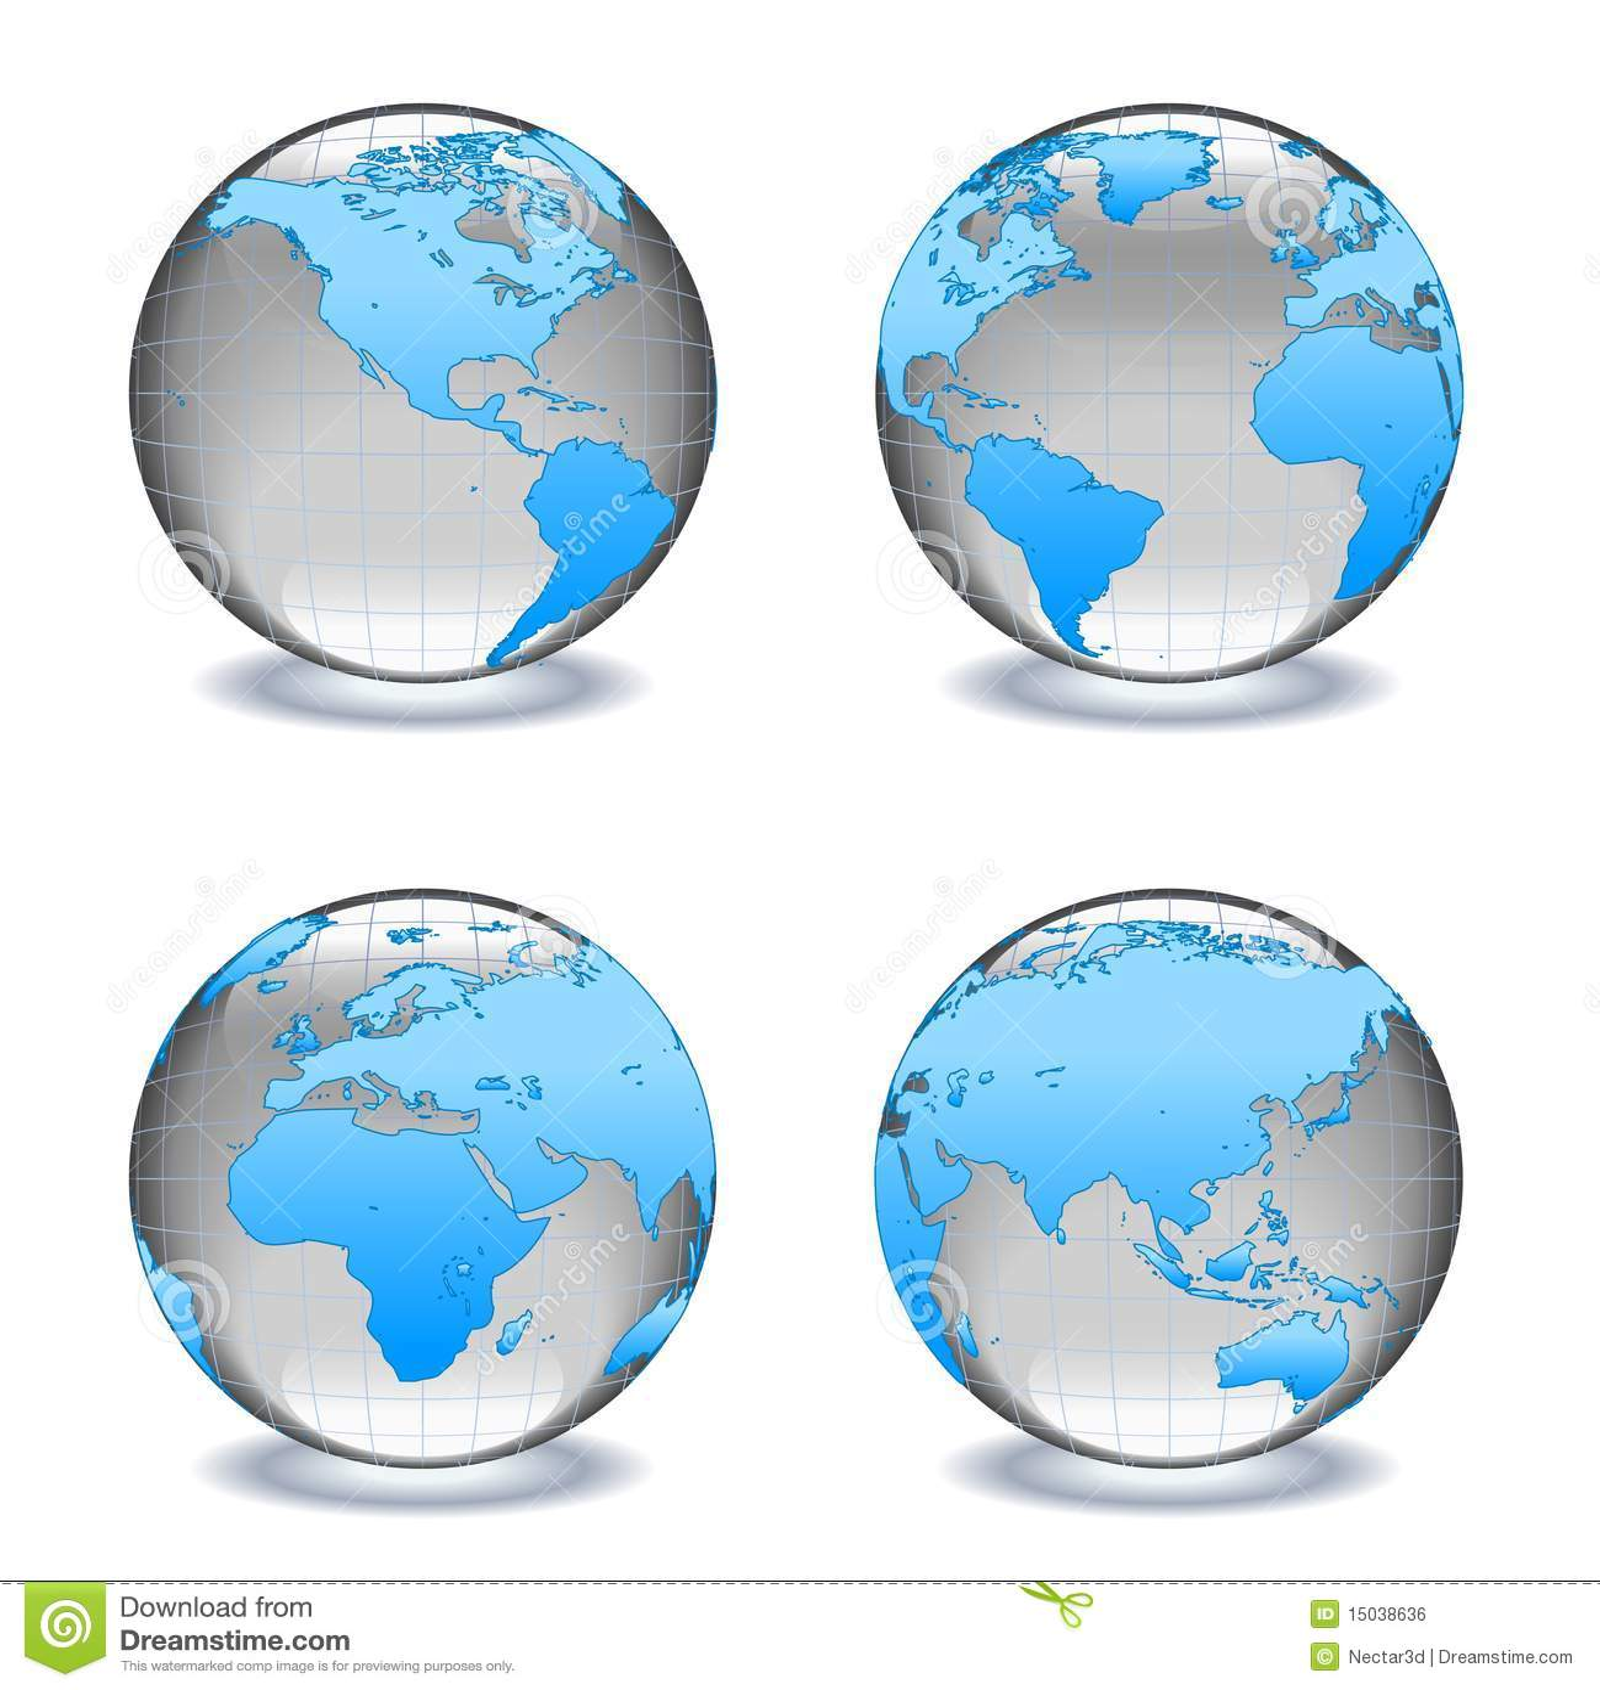 水晶玻璃地球世界